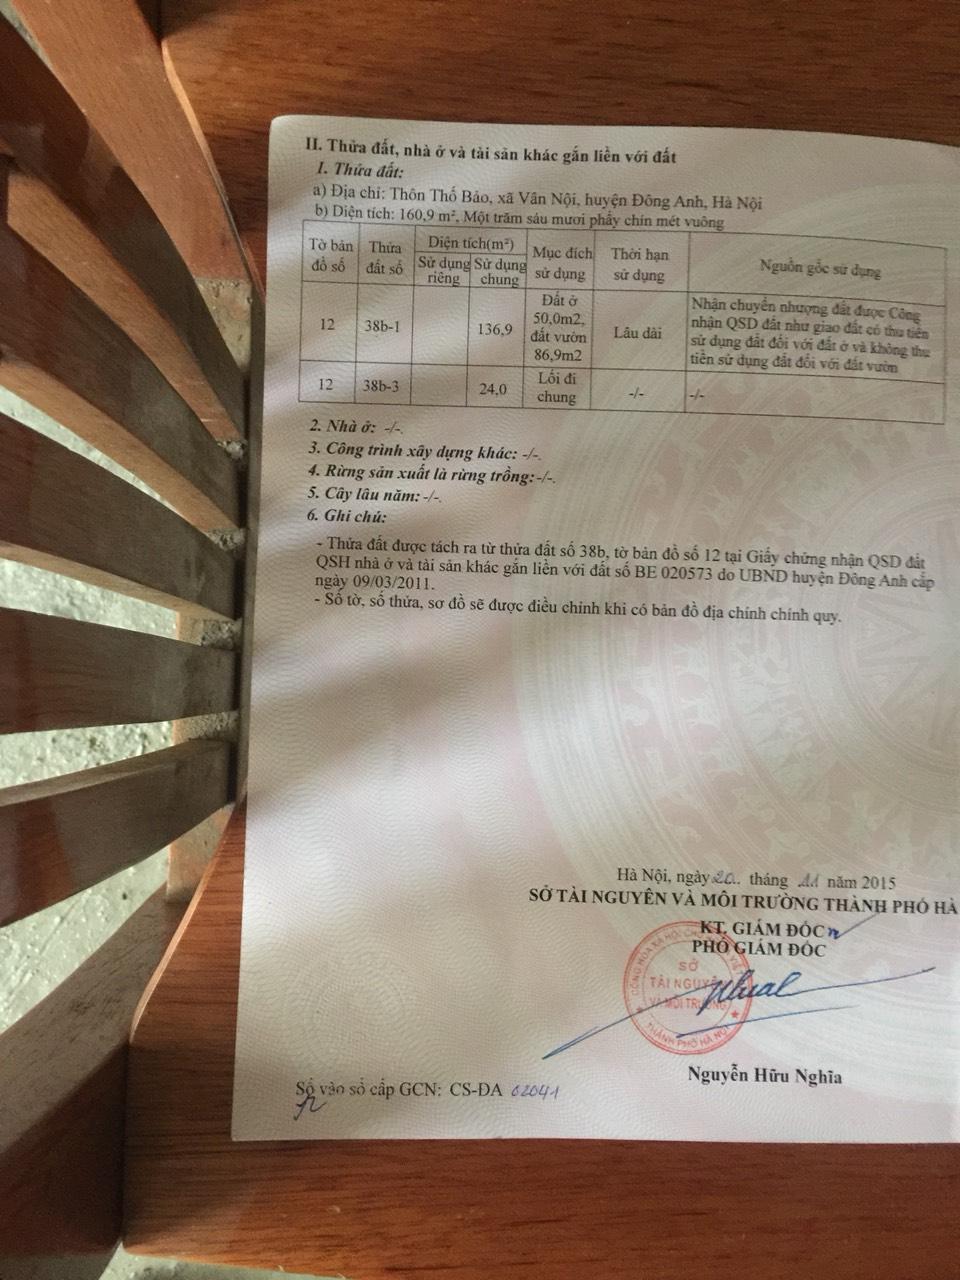 Chính chủ bán lô 137m, mặt 8m tại Thôn Thố Bảo- Vân Nội - Đông Aanh - Hà Nội